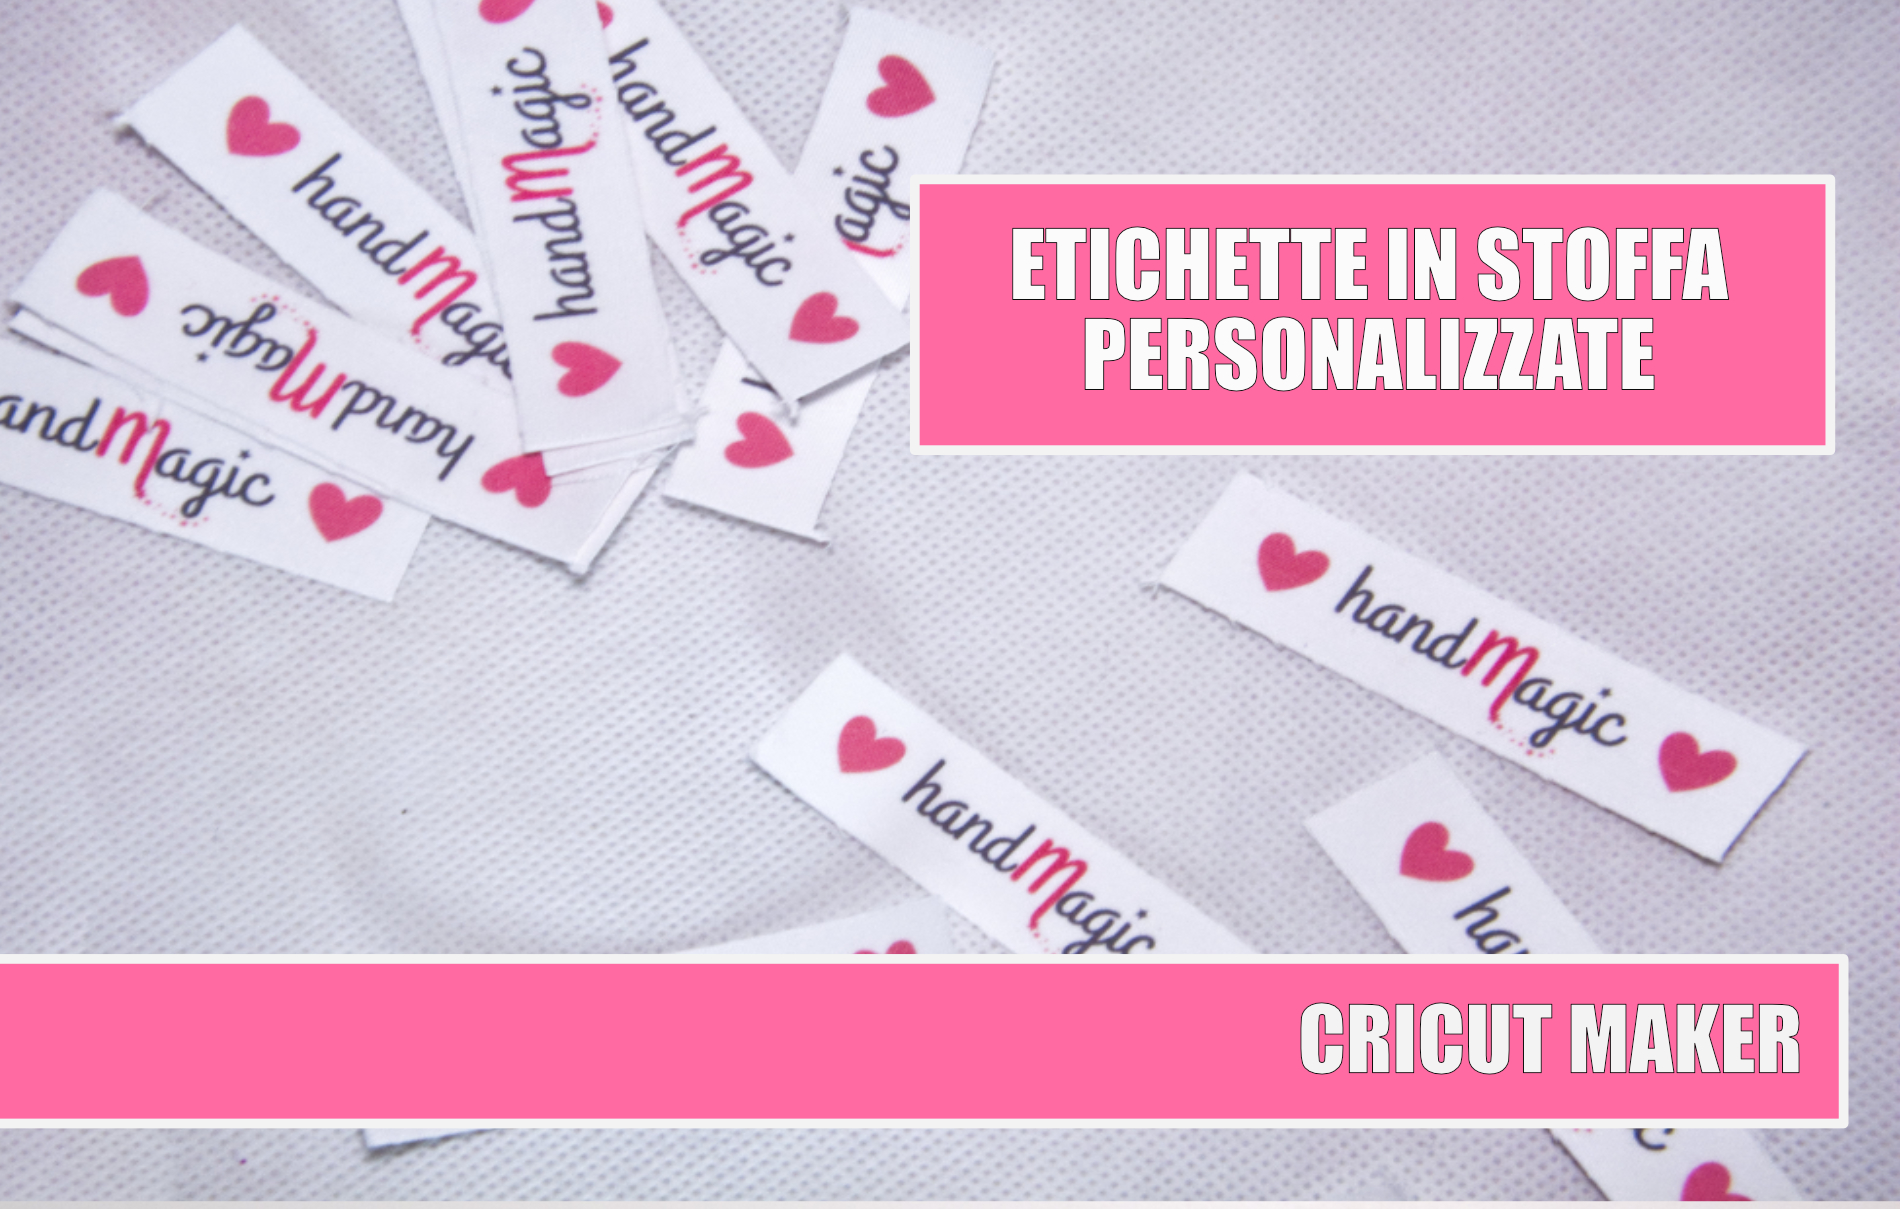 Etichette in stoffa personalizzate Cricut